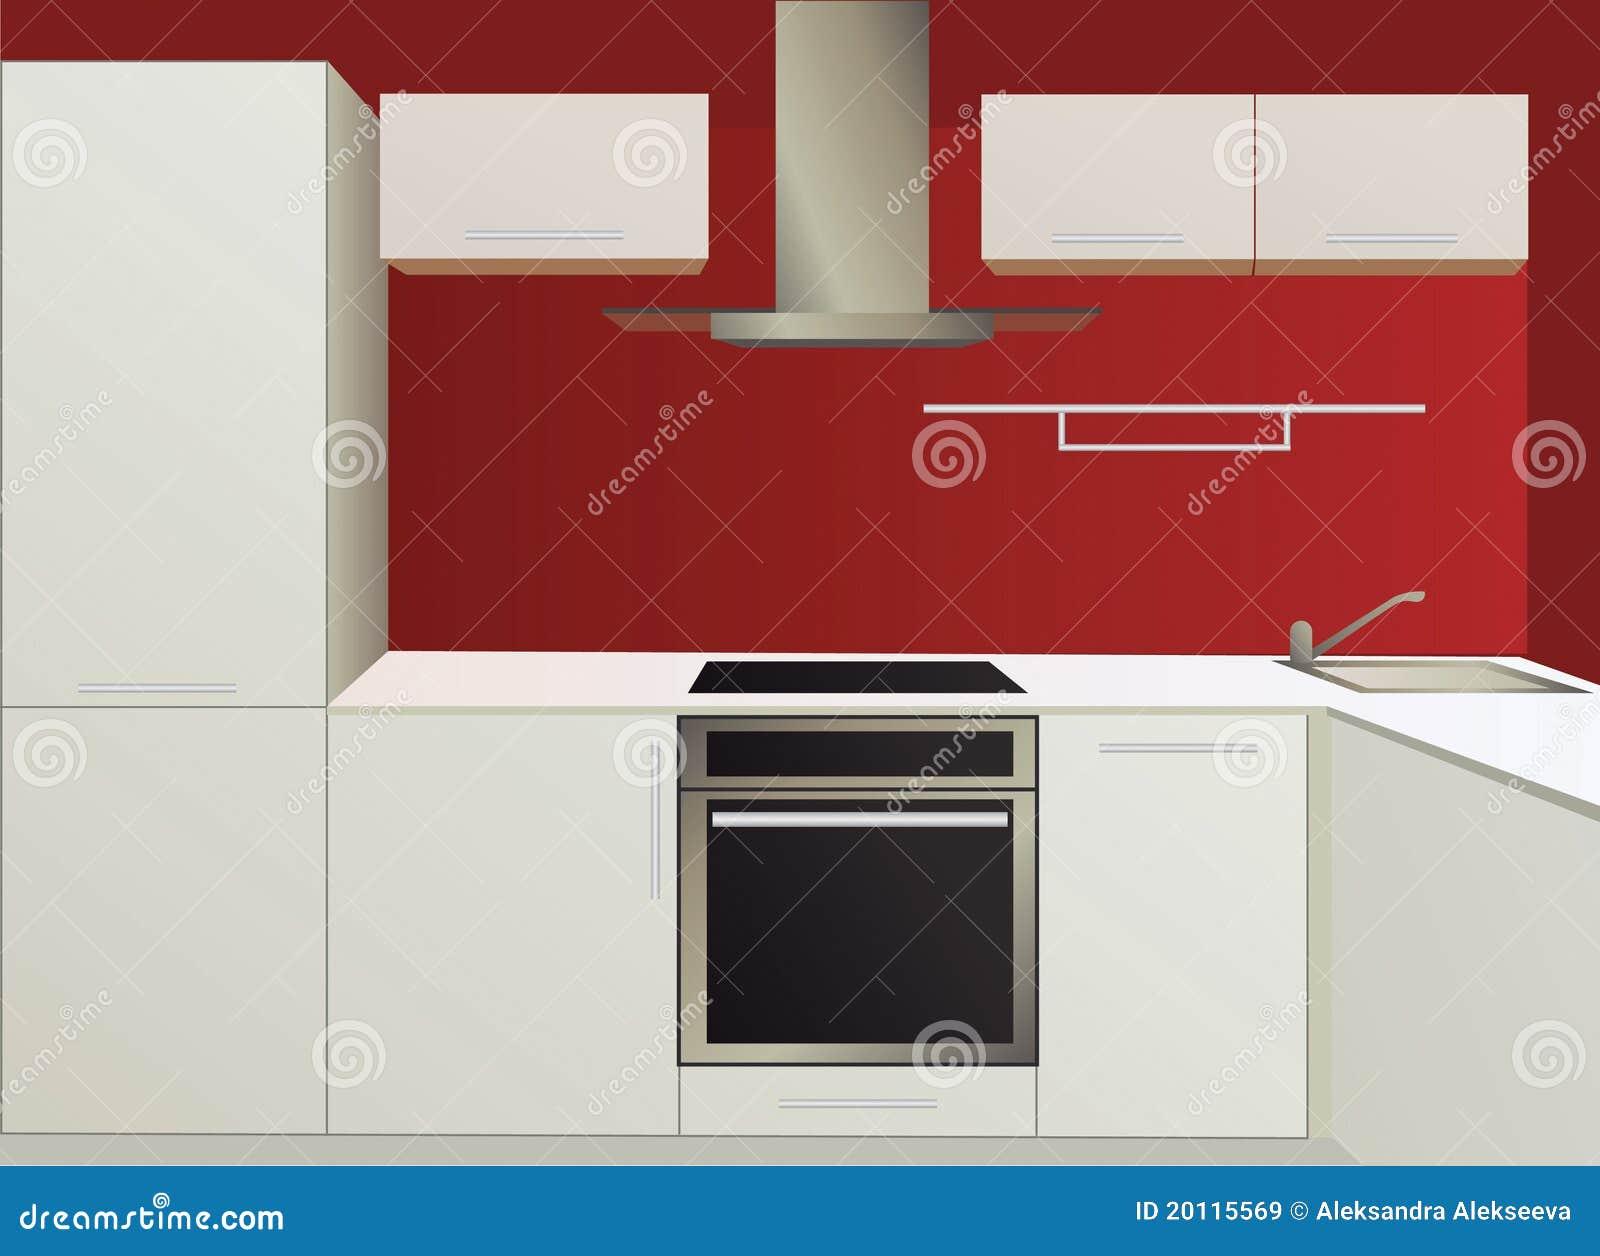 Cuisine blanche et rouge avec des appareils électroménagers images ...